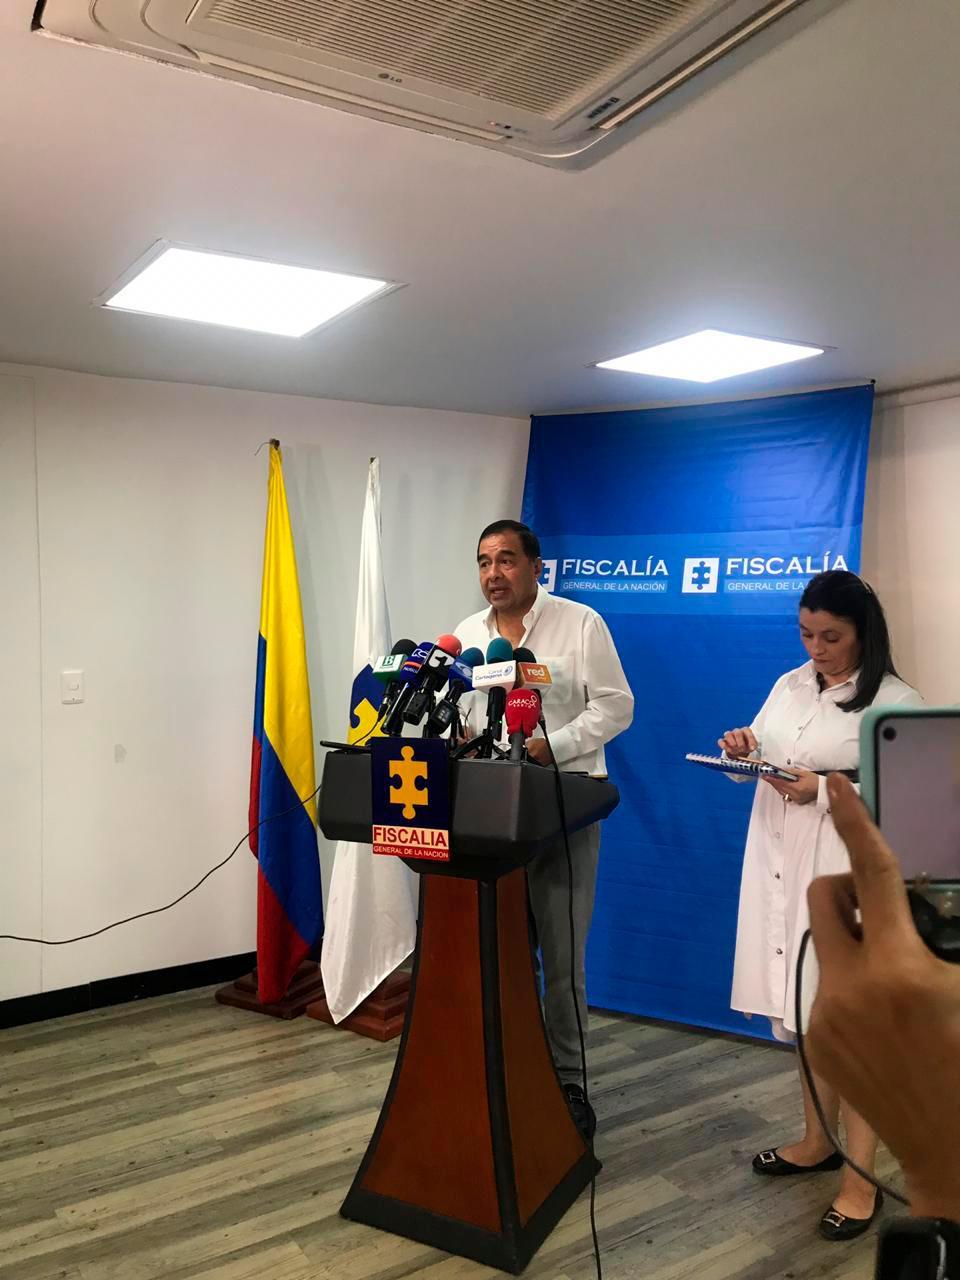 El fiscal General encargado, Fabio Espitia, llegó hoy a Cartagena. // El Universal